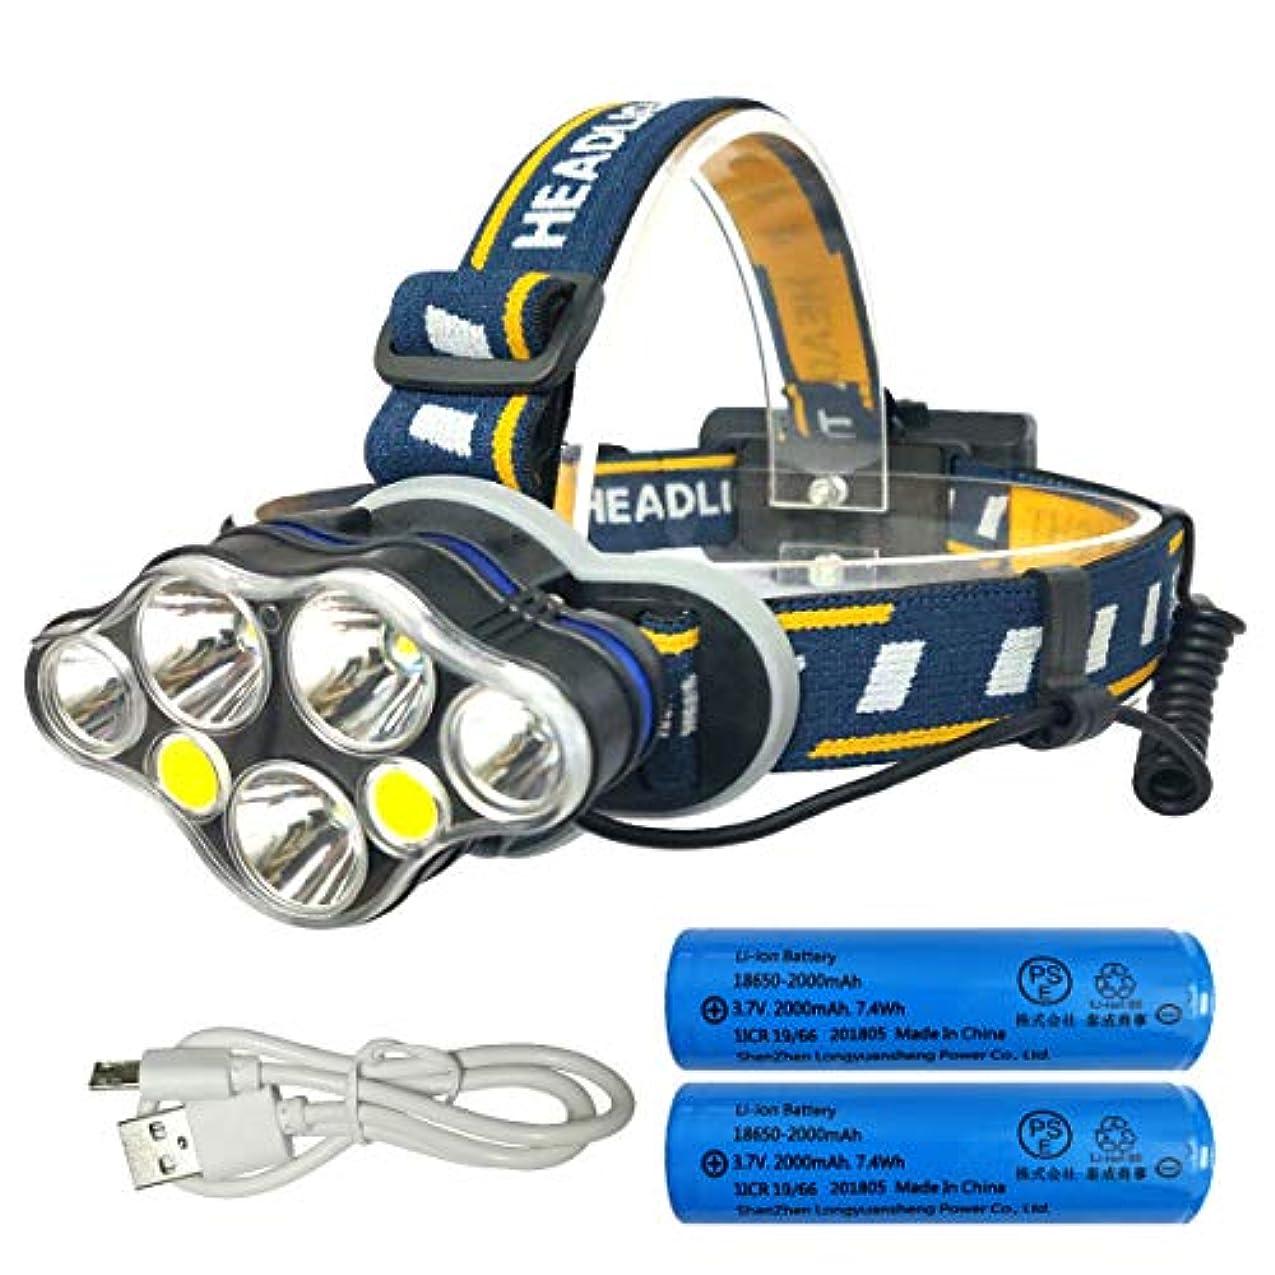 似ている拍手除外するLZW LEDヘッドライト 12500ルーメン USB充電式 防水 8点灯モード 作業灯 防災 登山 釣り ランニング 夜釣り PSE認証済み 18650型バッテリー 付属